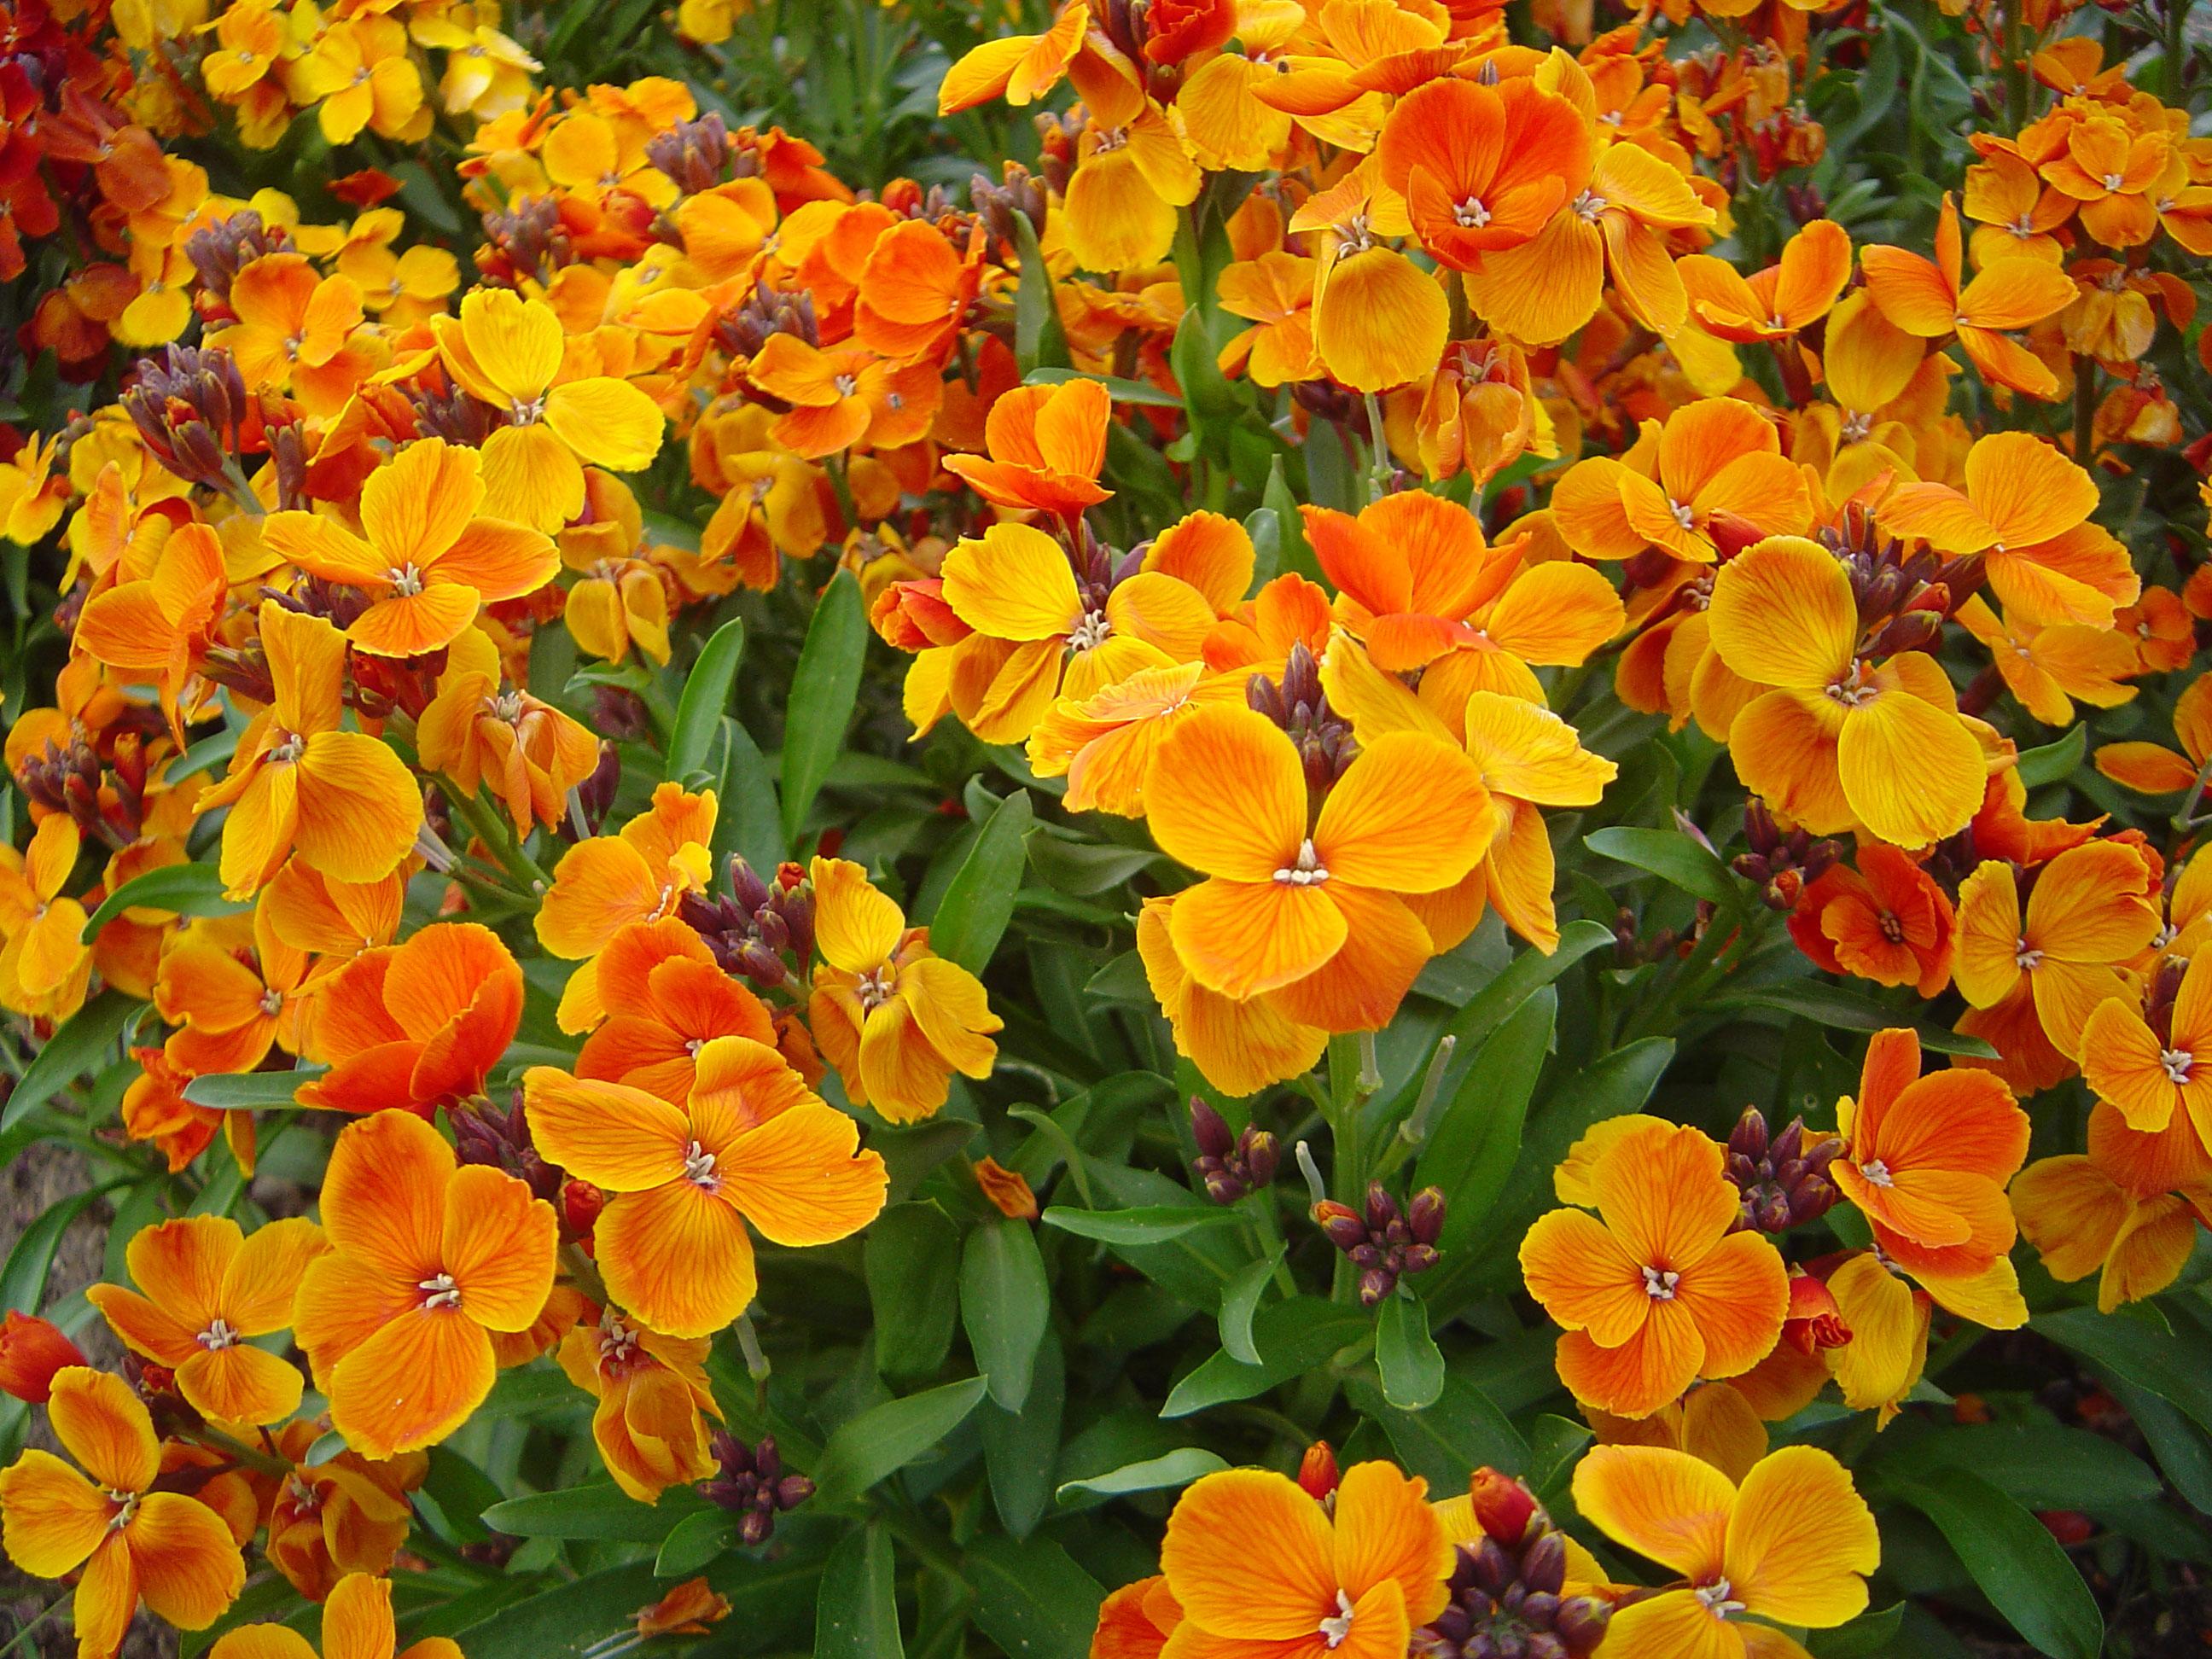 Flowers-of-Wallflower